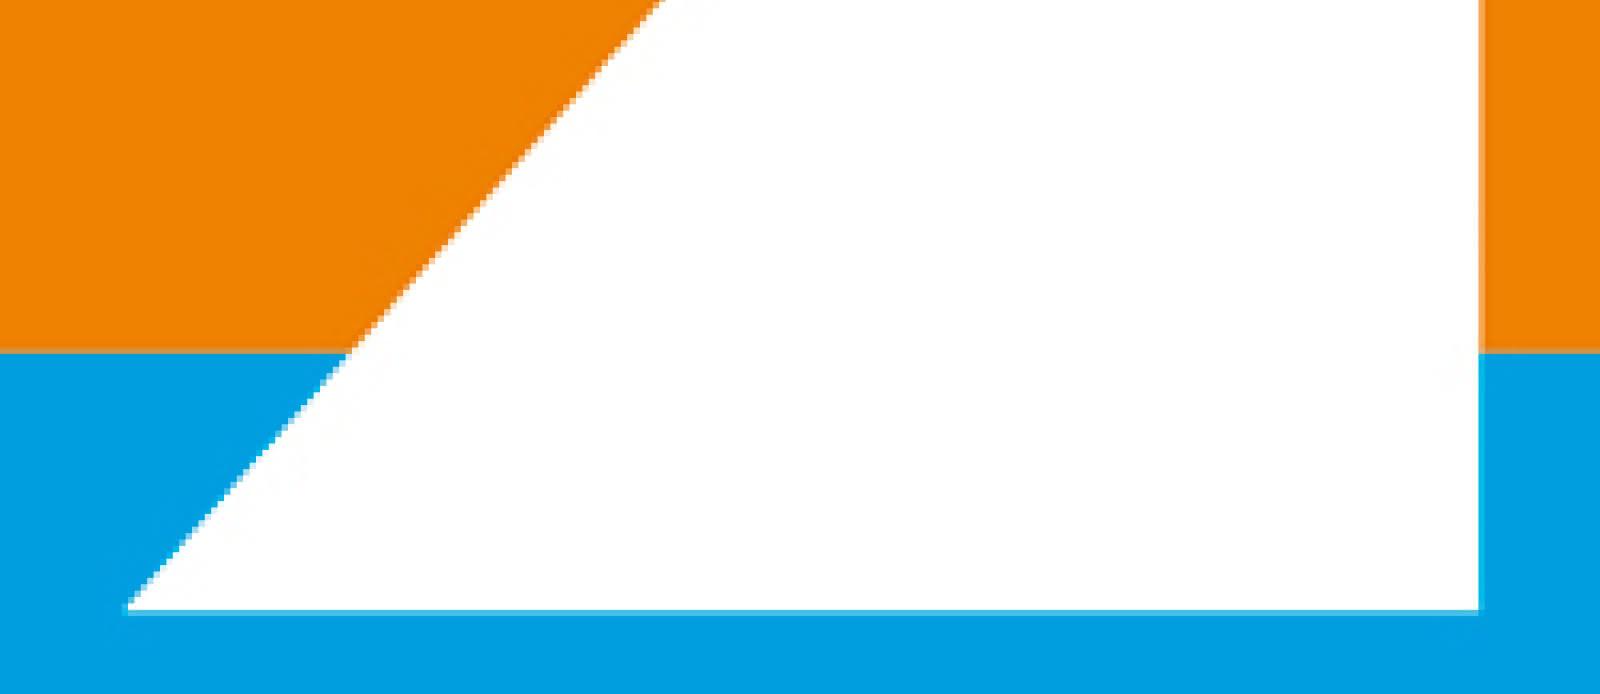 Voile-VLG-Lacanau-Logo